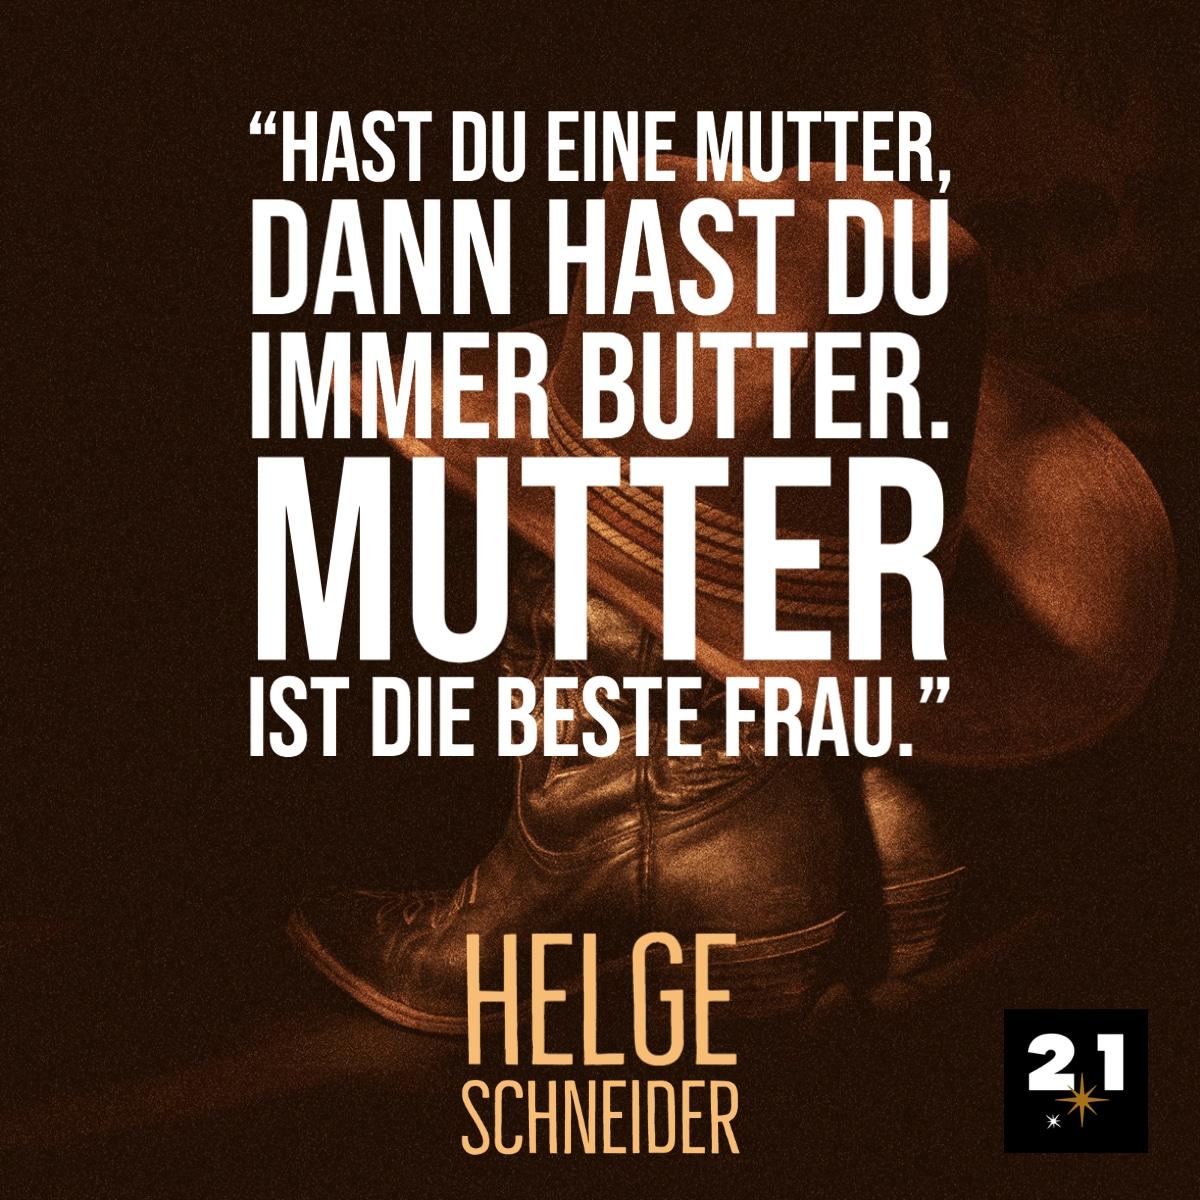 Helge Schneider & Mutter